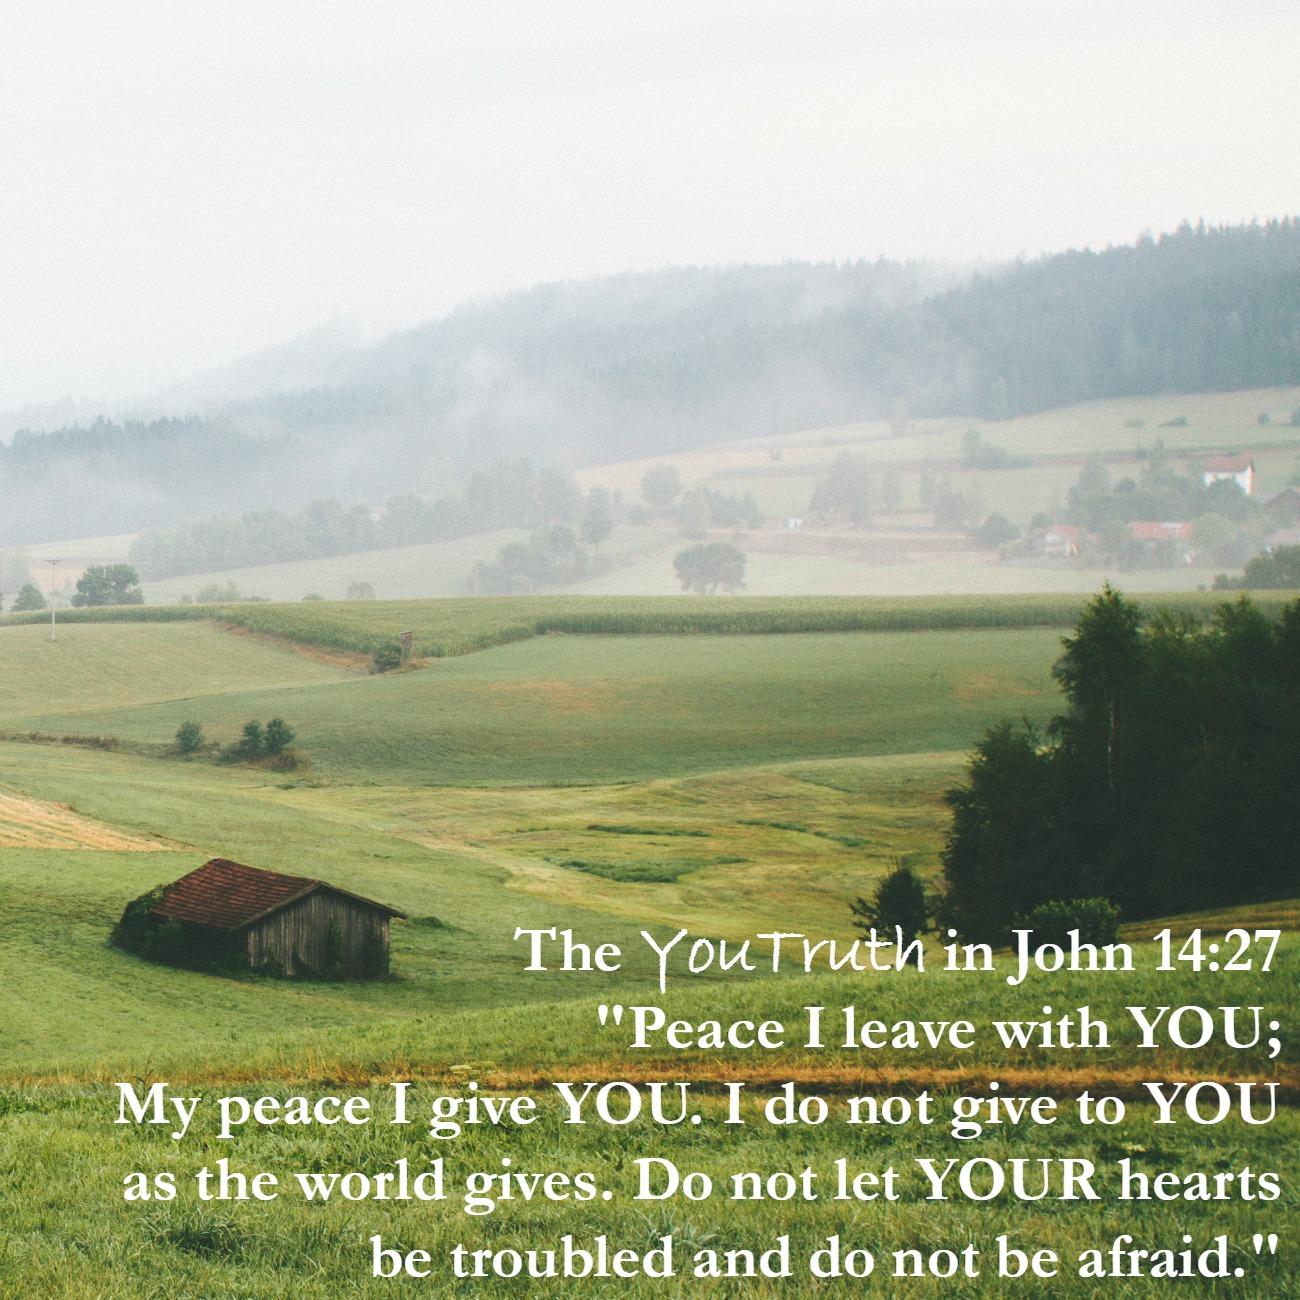 John 14-27 image